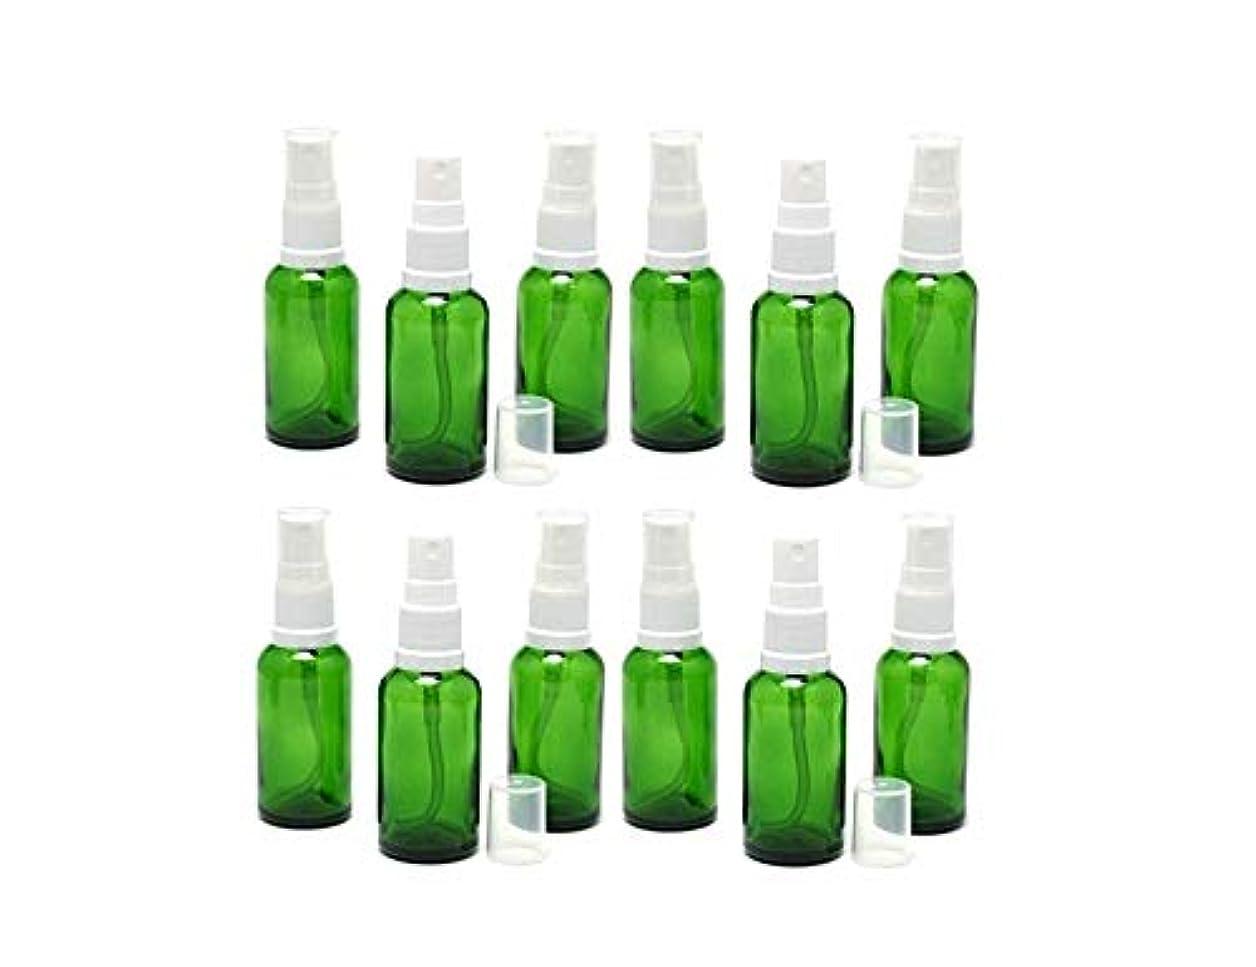 カルシウムうれしい判定遮光瓶 スプレーボトル (グラス/アトマイザー) 30ml グリーン/ホワイトヘッド 12本セット 【 新品アウトレットセール 】